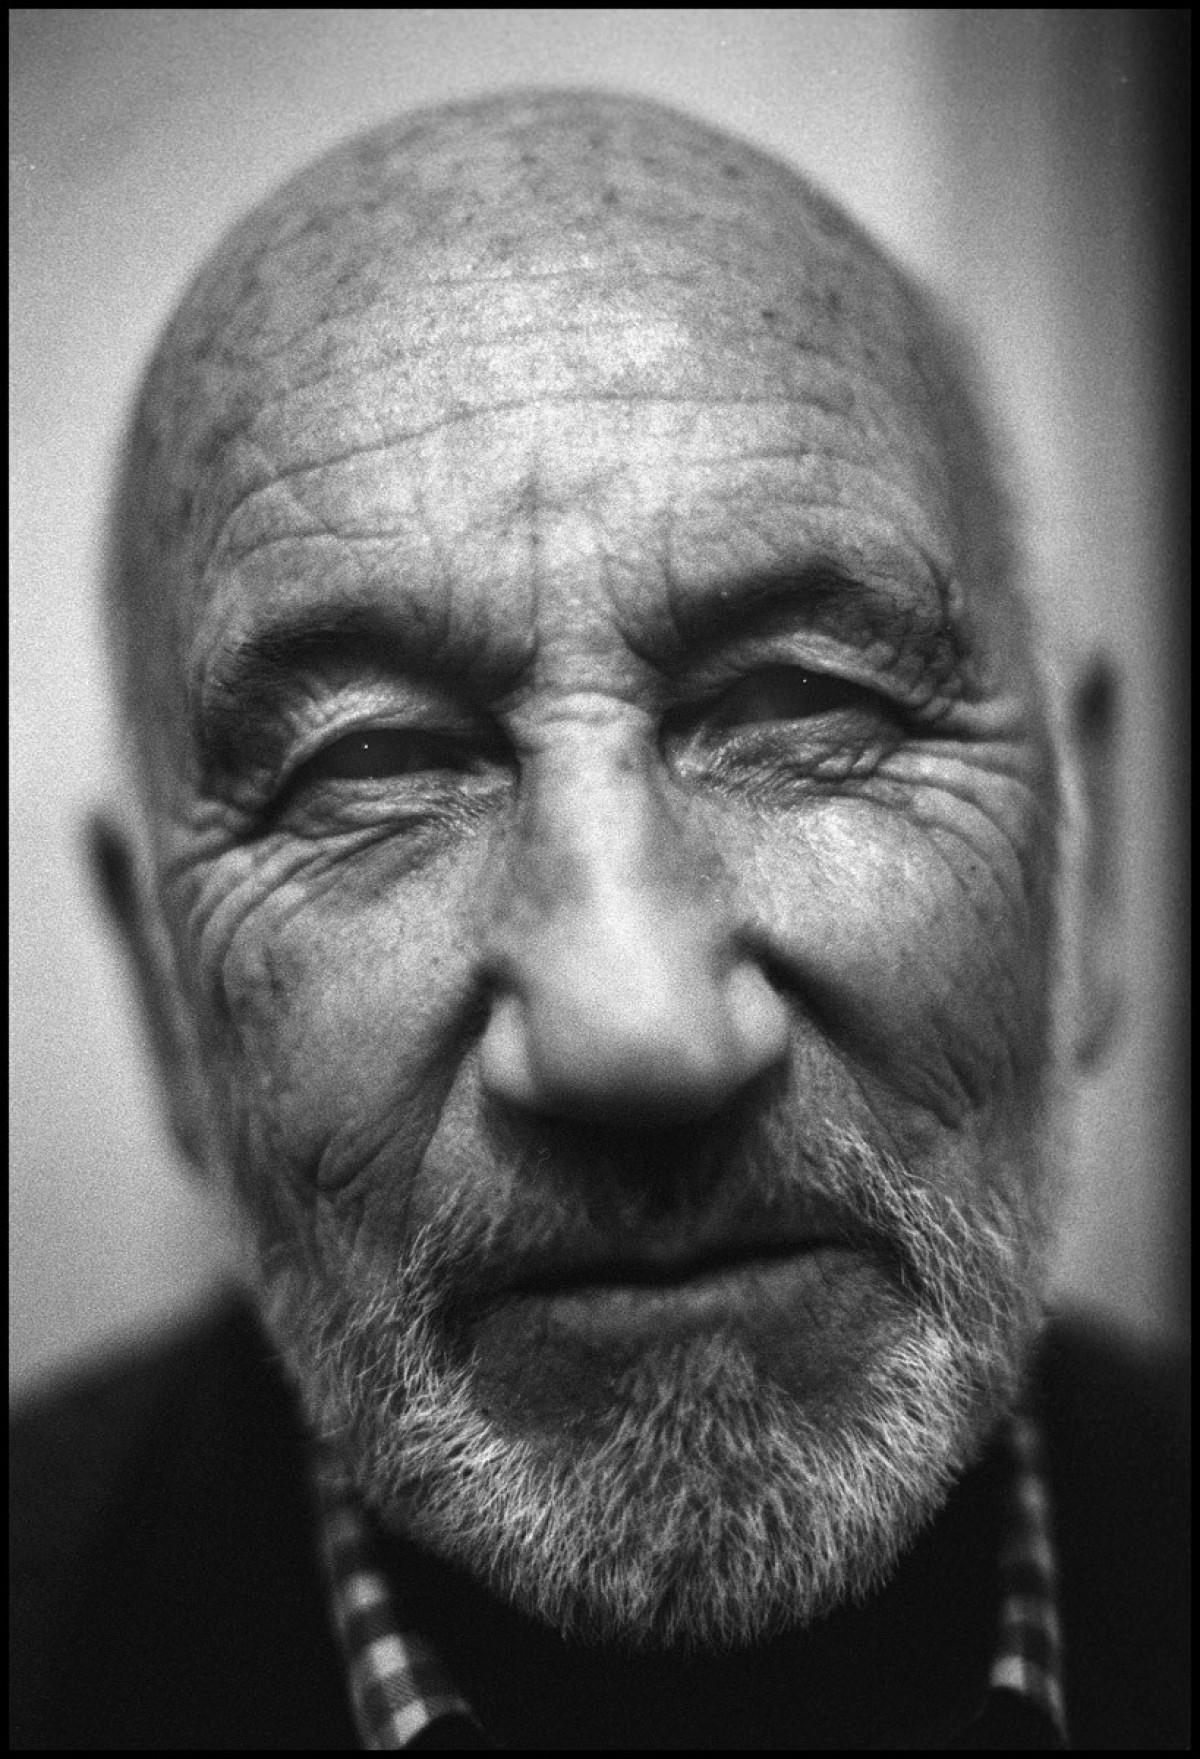 Berengo Gardin Gianni photographer